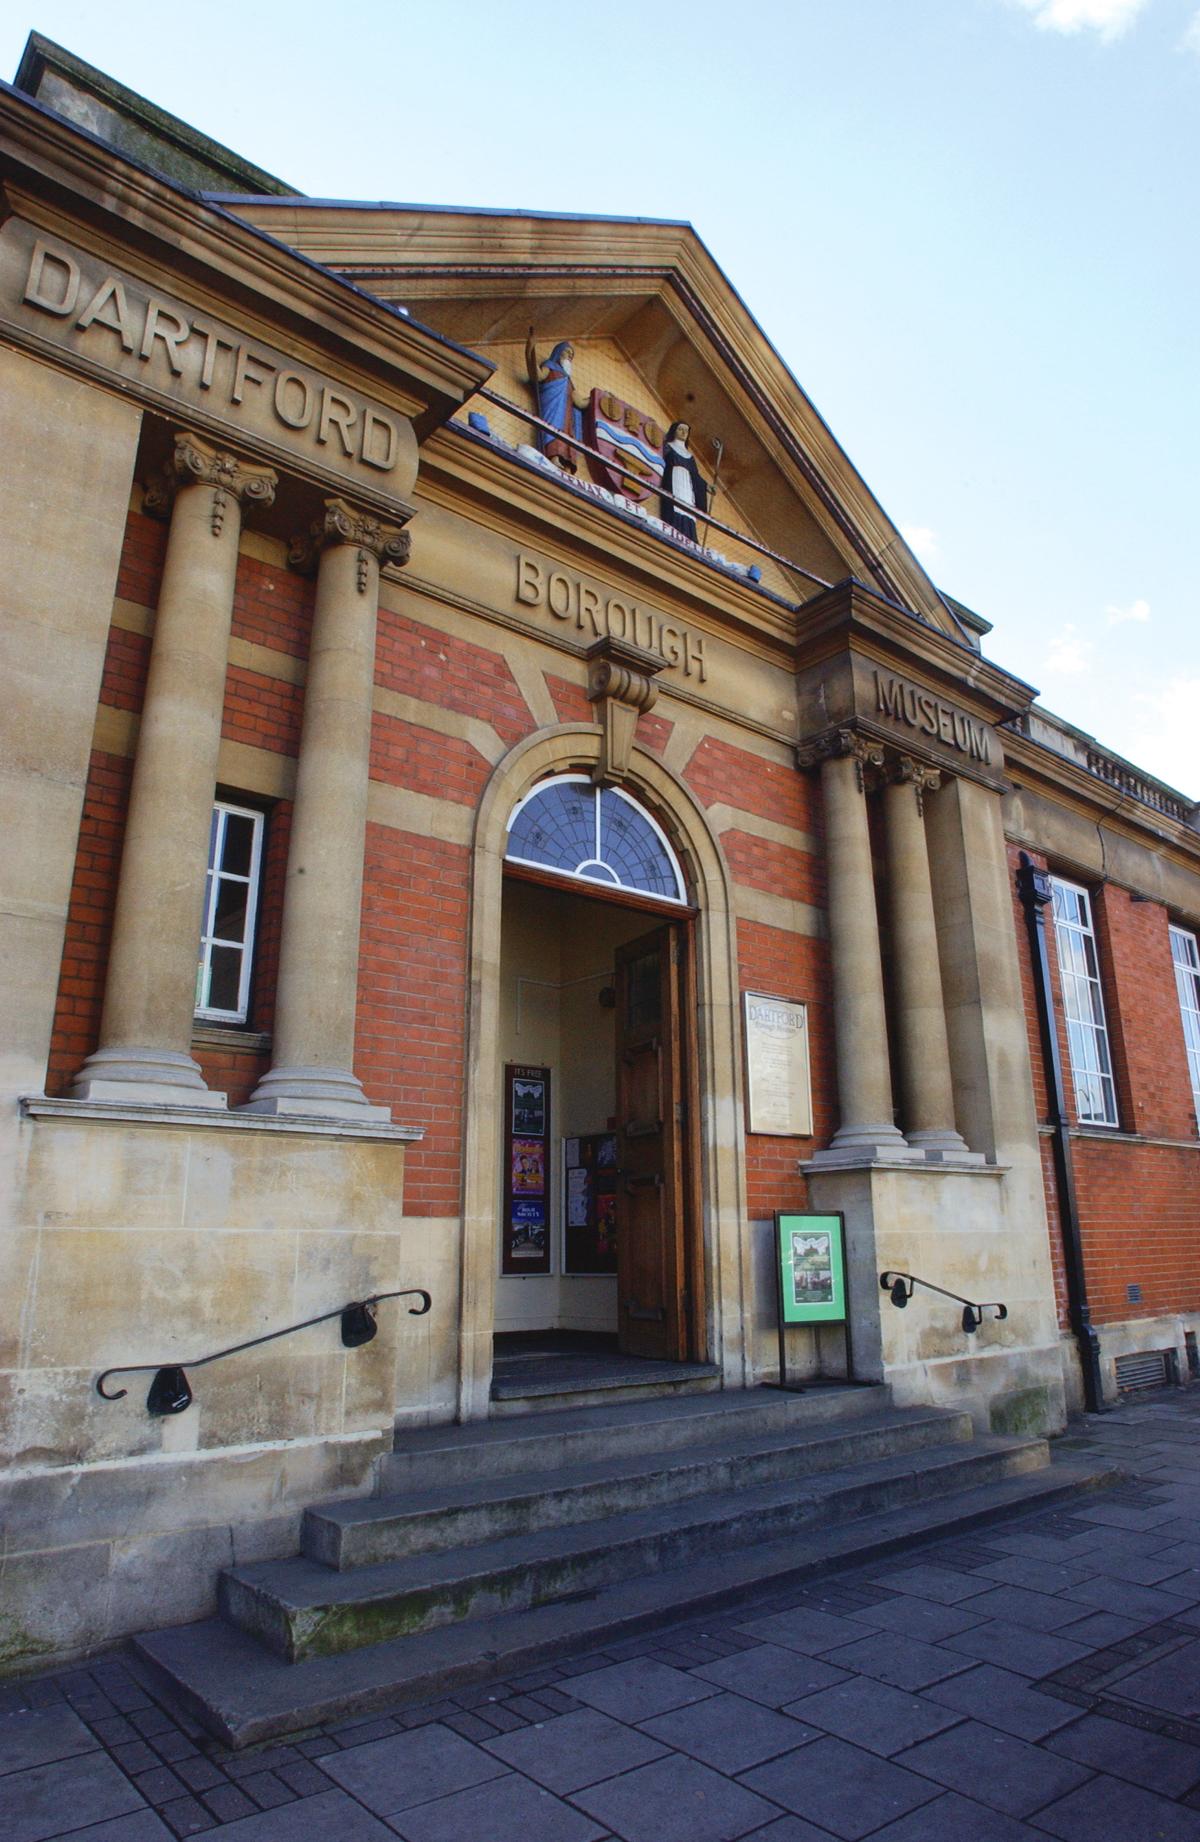 Dartford Borough Museum